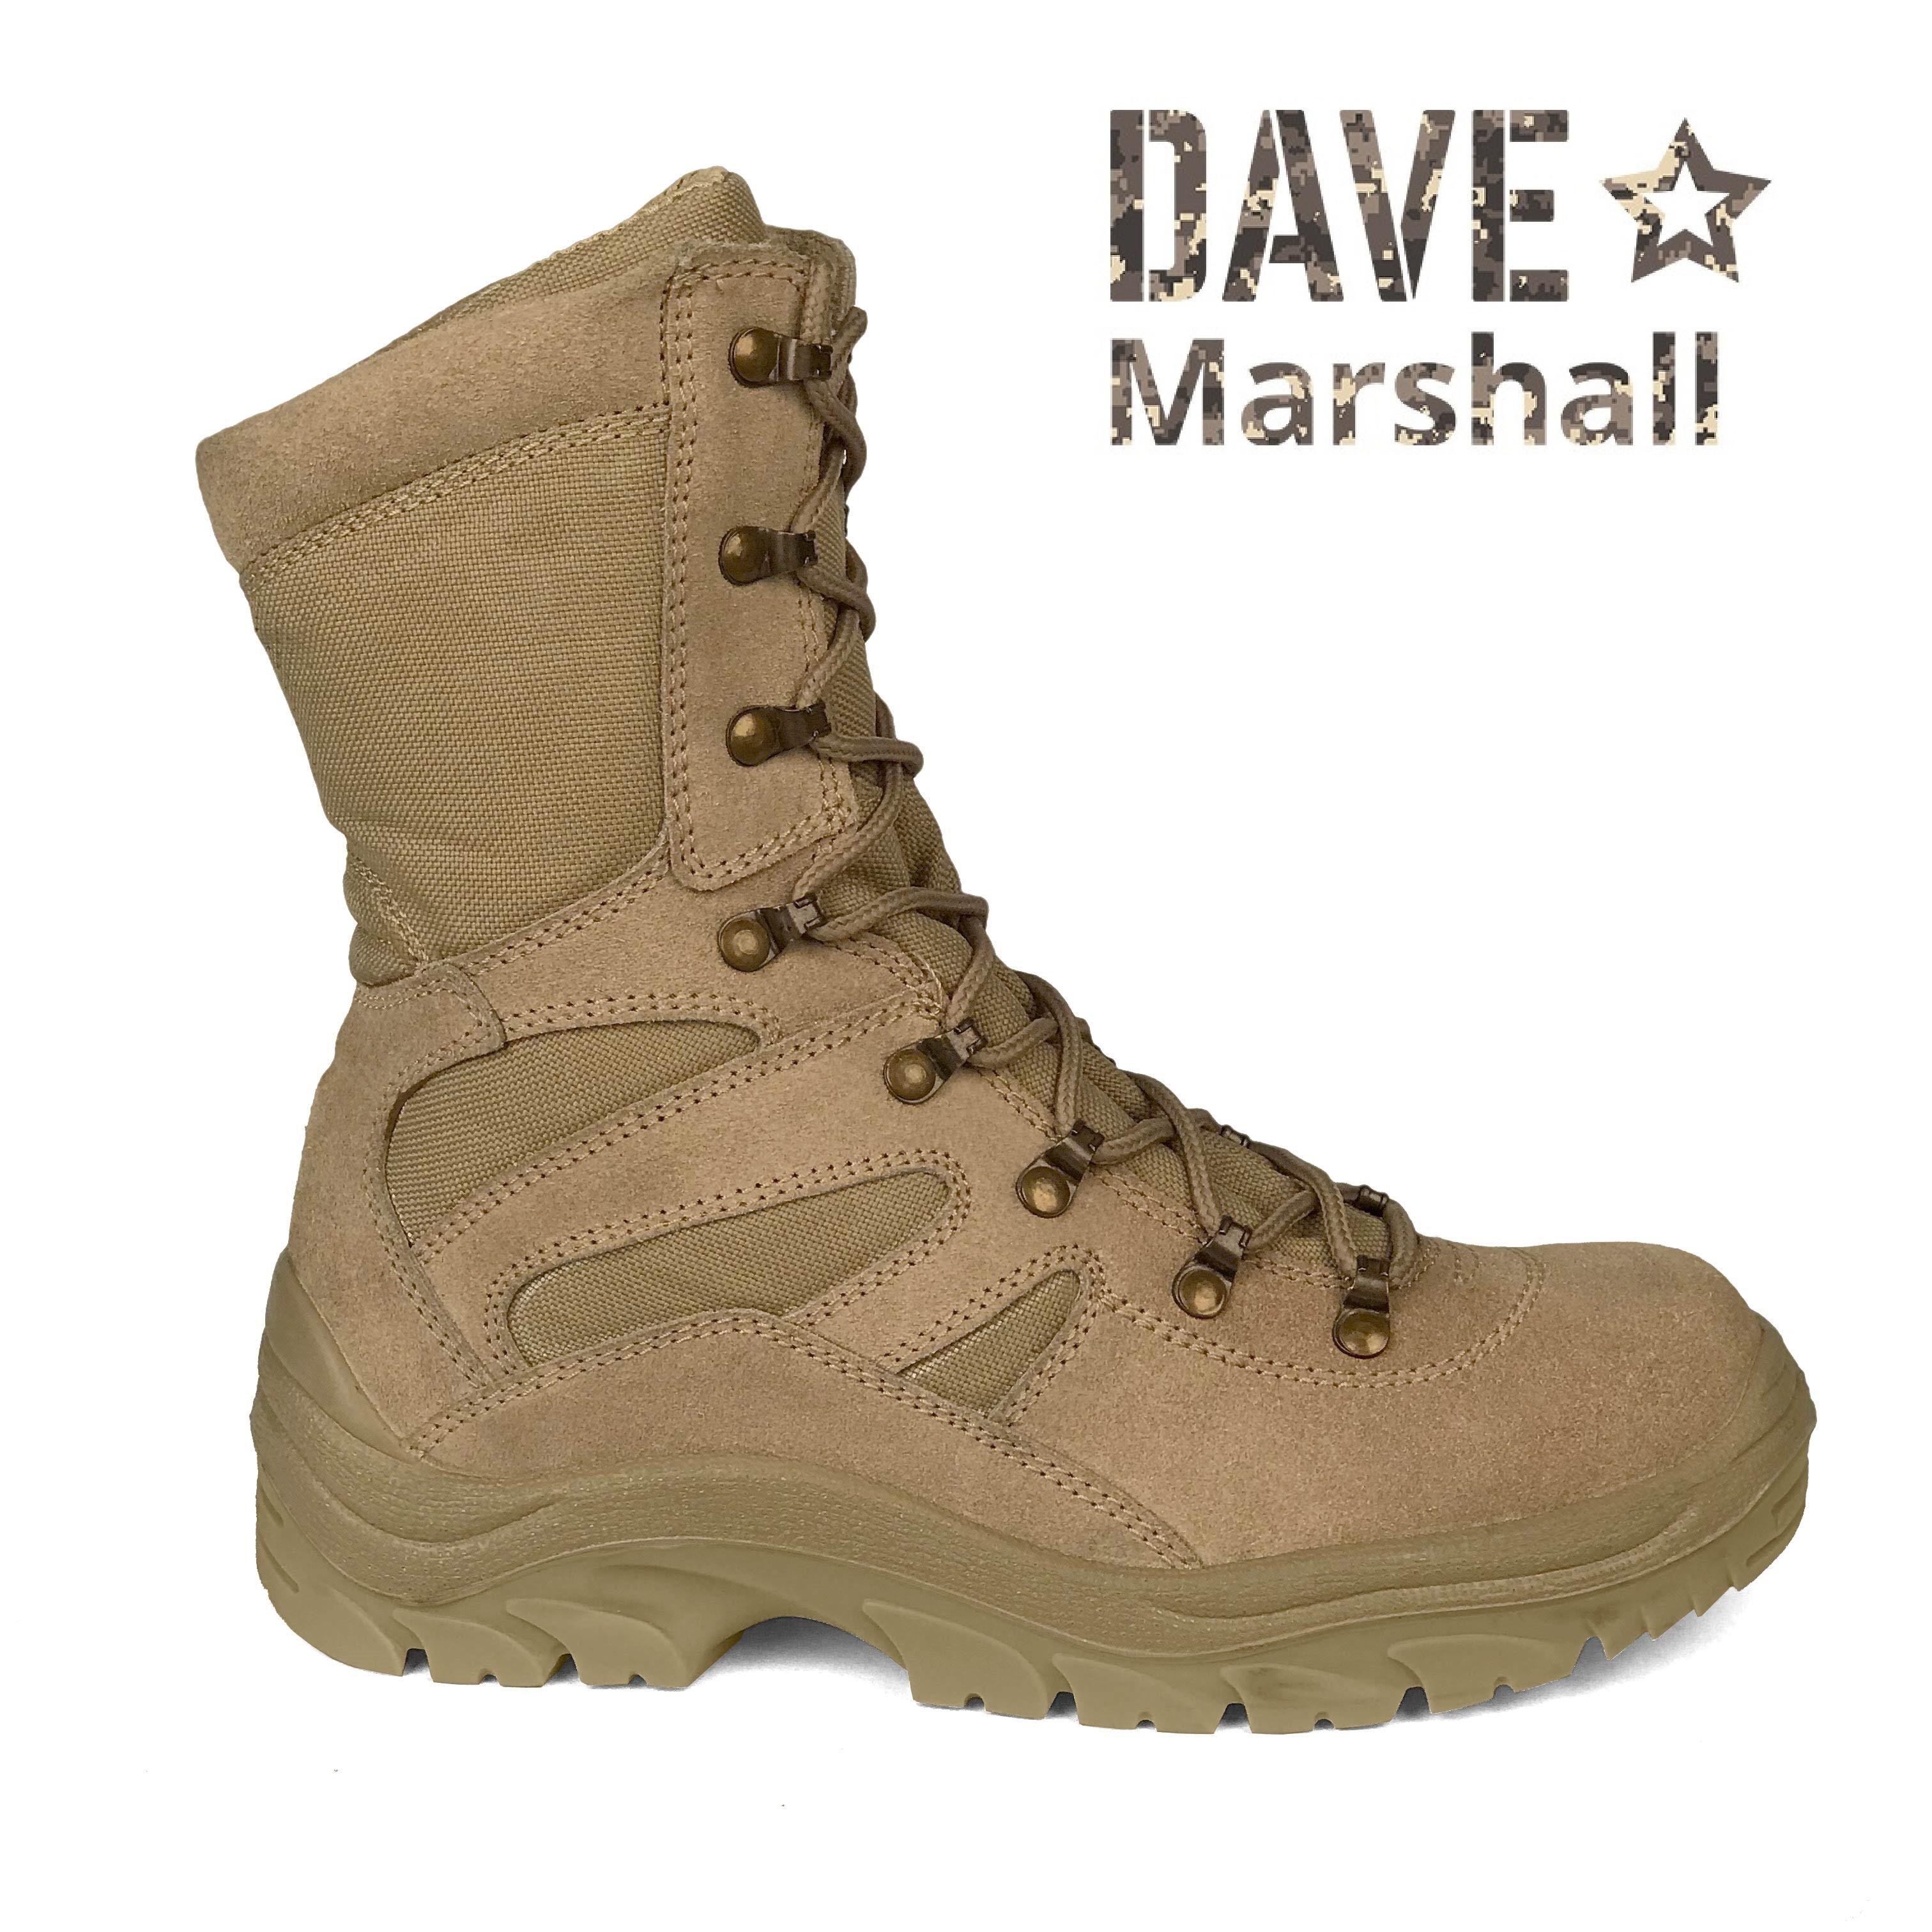 83c2caaed1f9 Ботинки кожаные с высокими берцами COBRA D8, производитель Dave ...